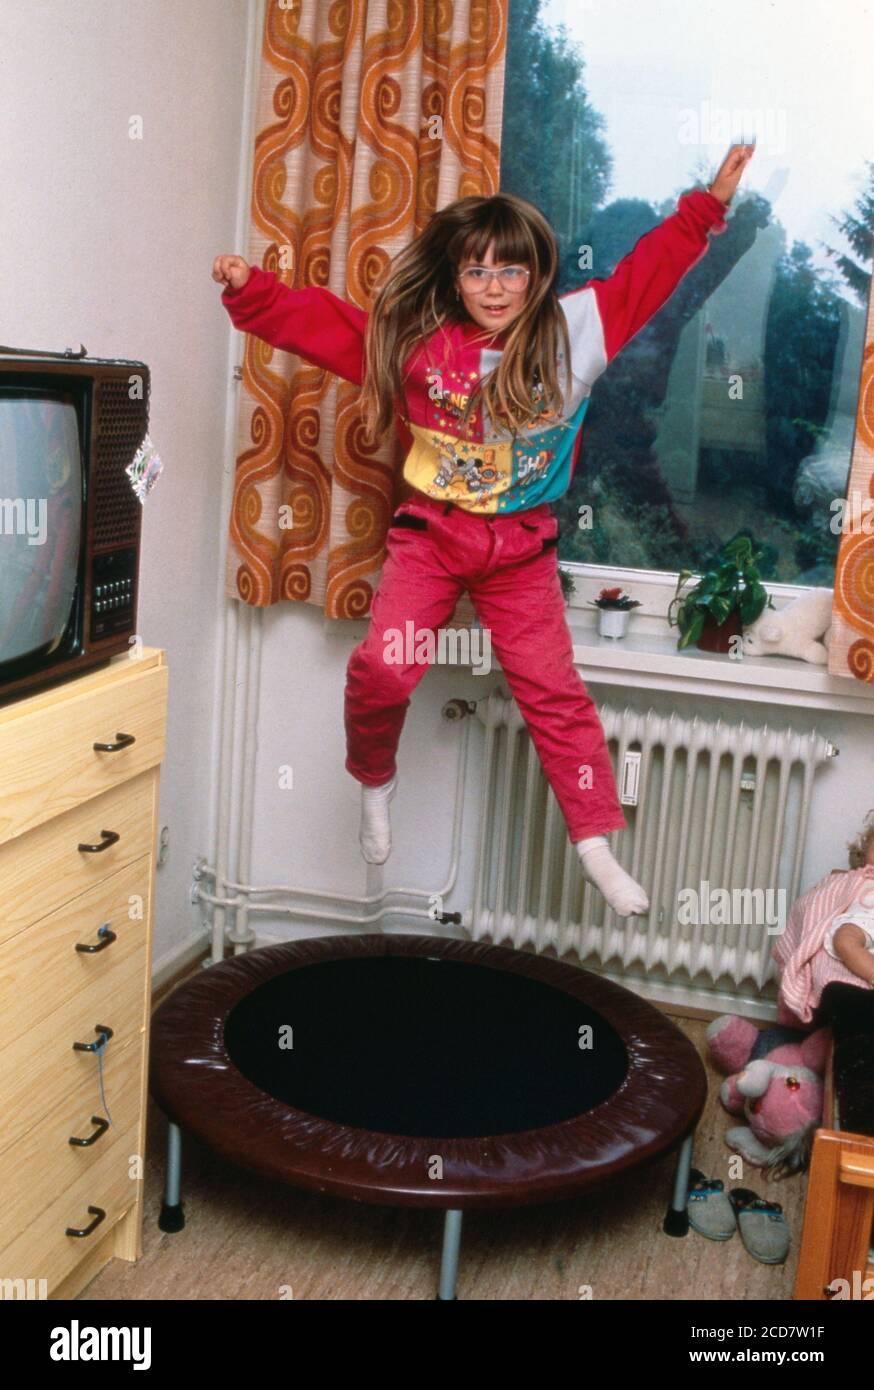 Bildreportage: Linn Westedt tobt auf ihrem Trampolin in in ihrem Kinderzimmer Banque D'Images